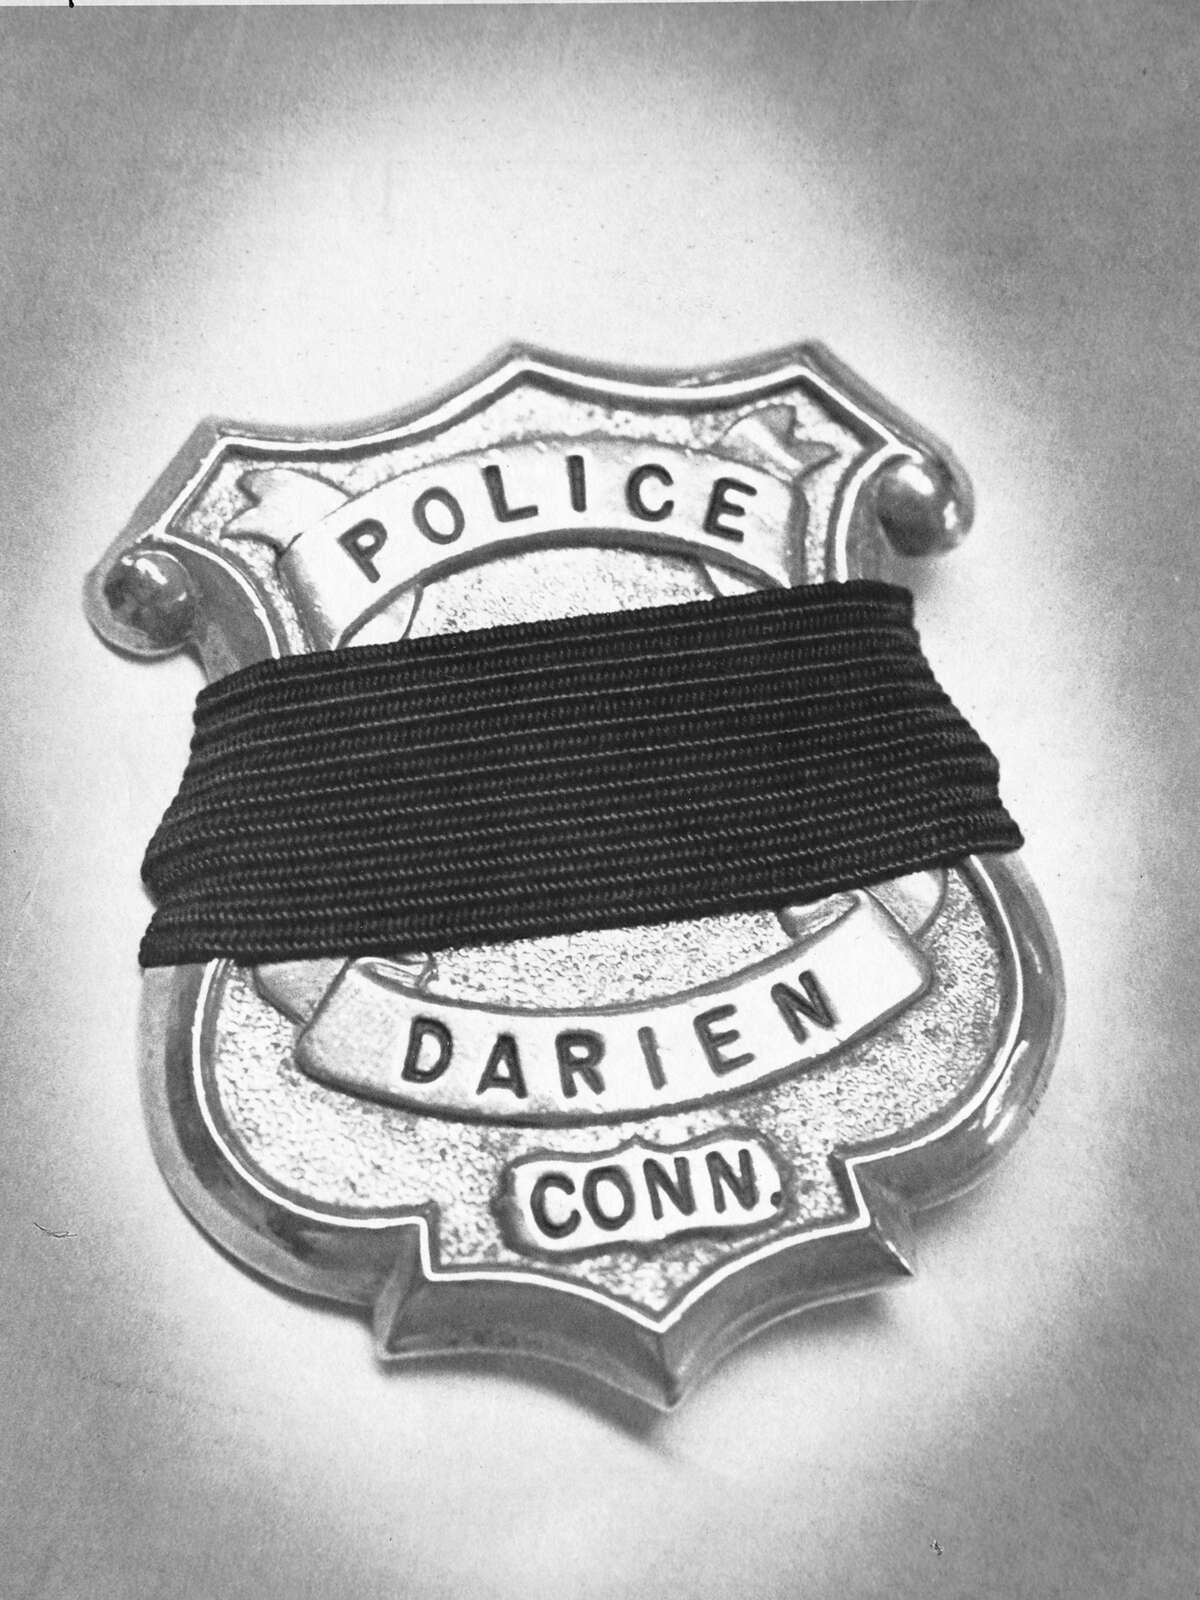 Darien police badge